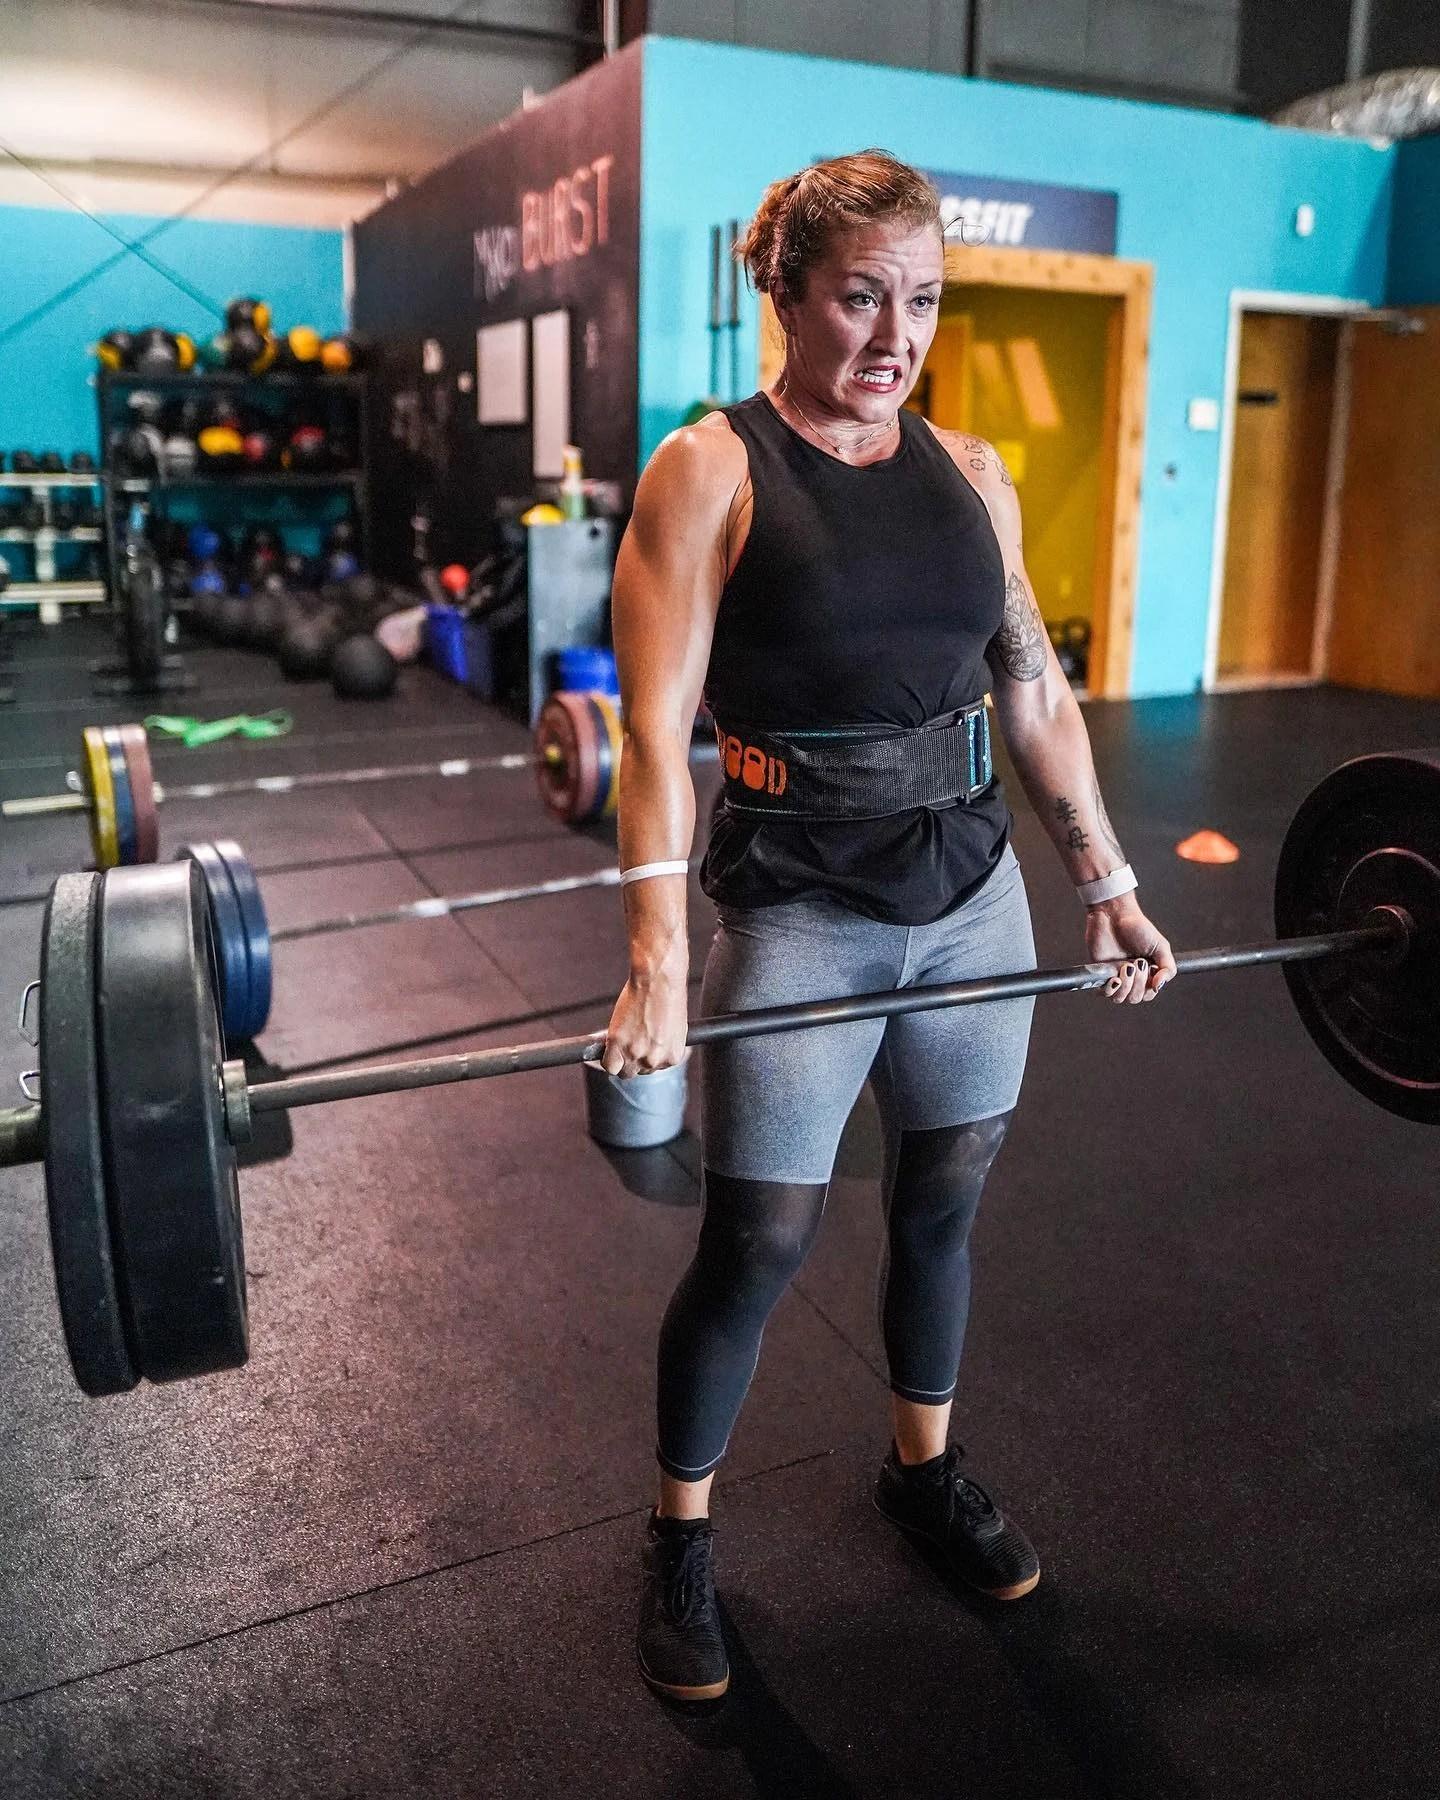 athlete-deadlift-barbell